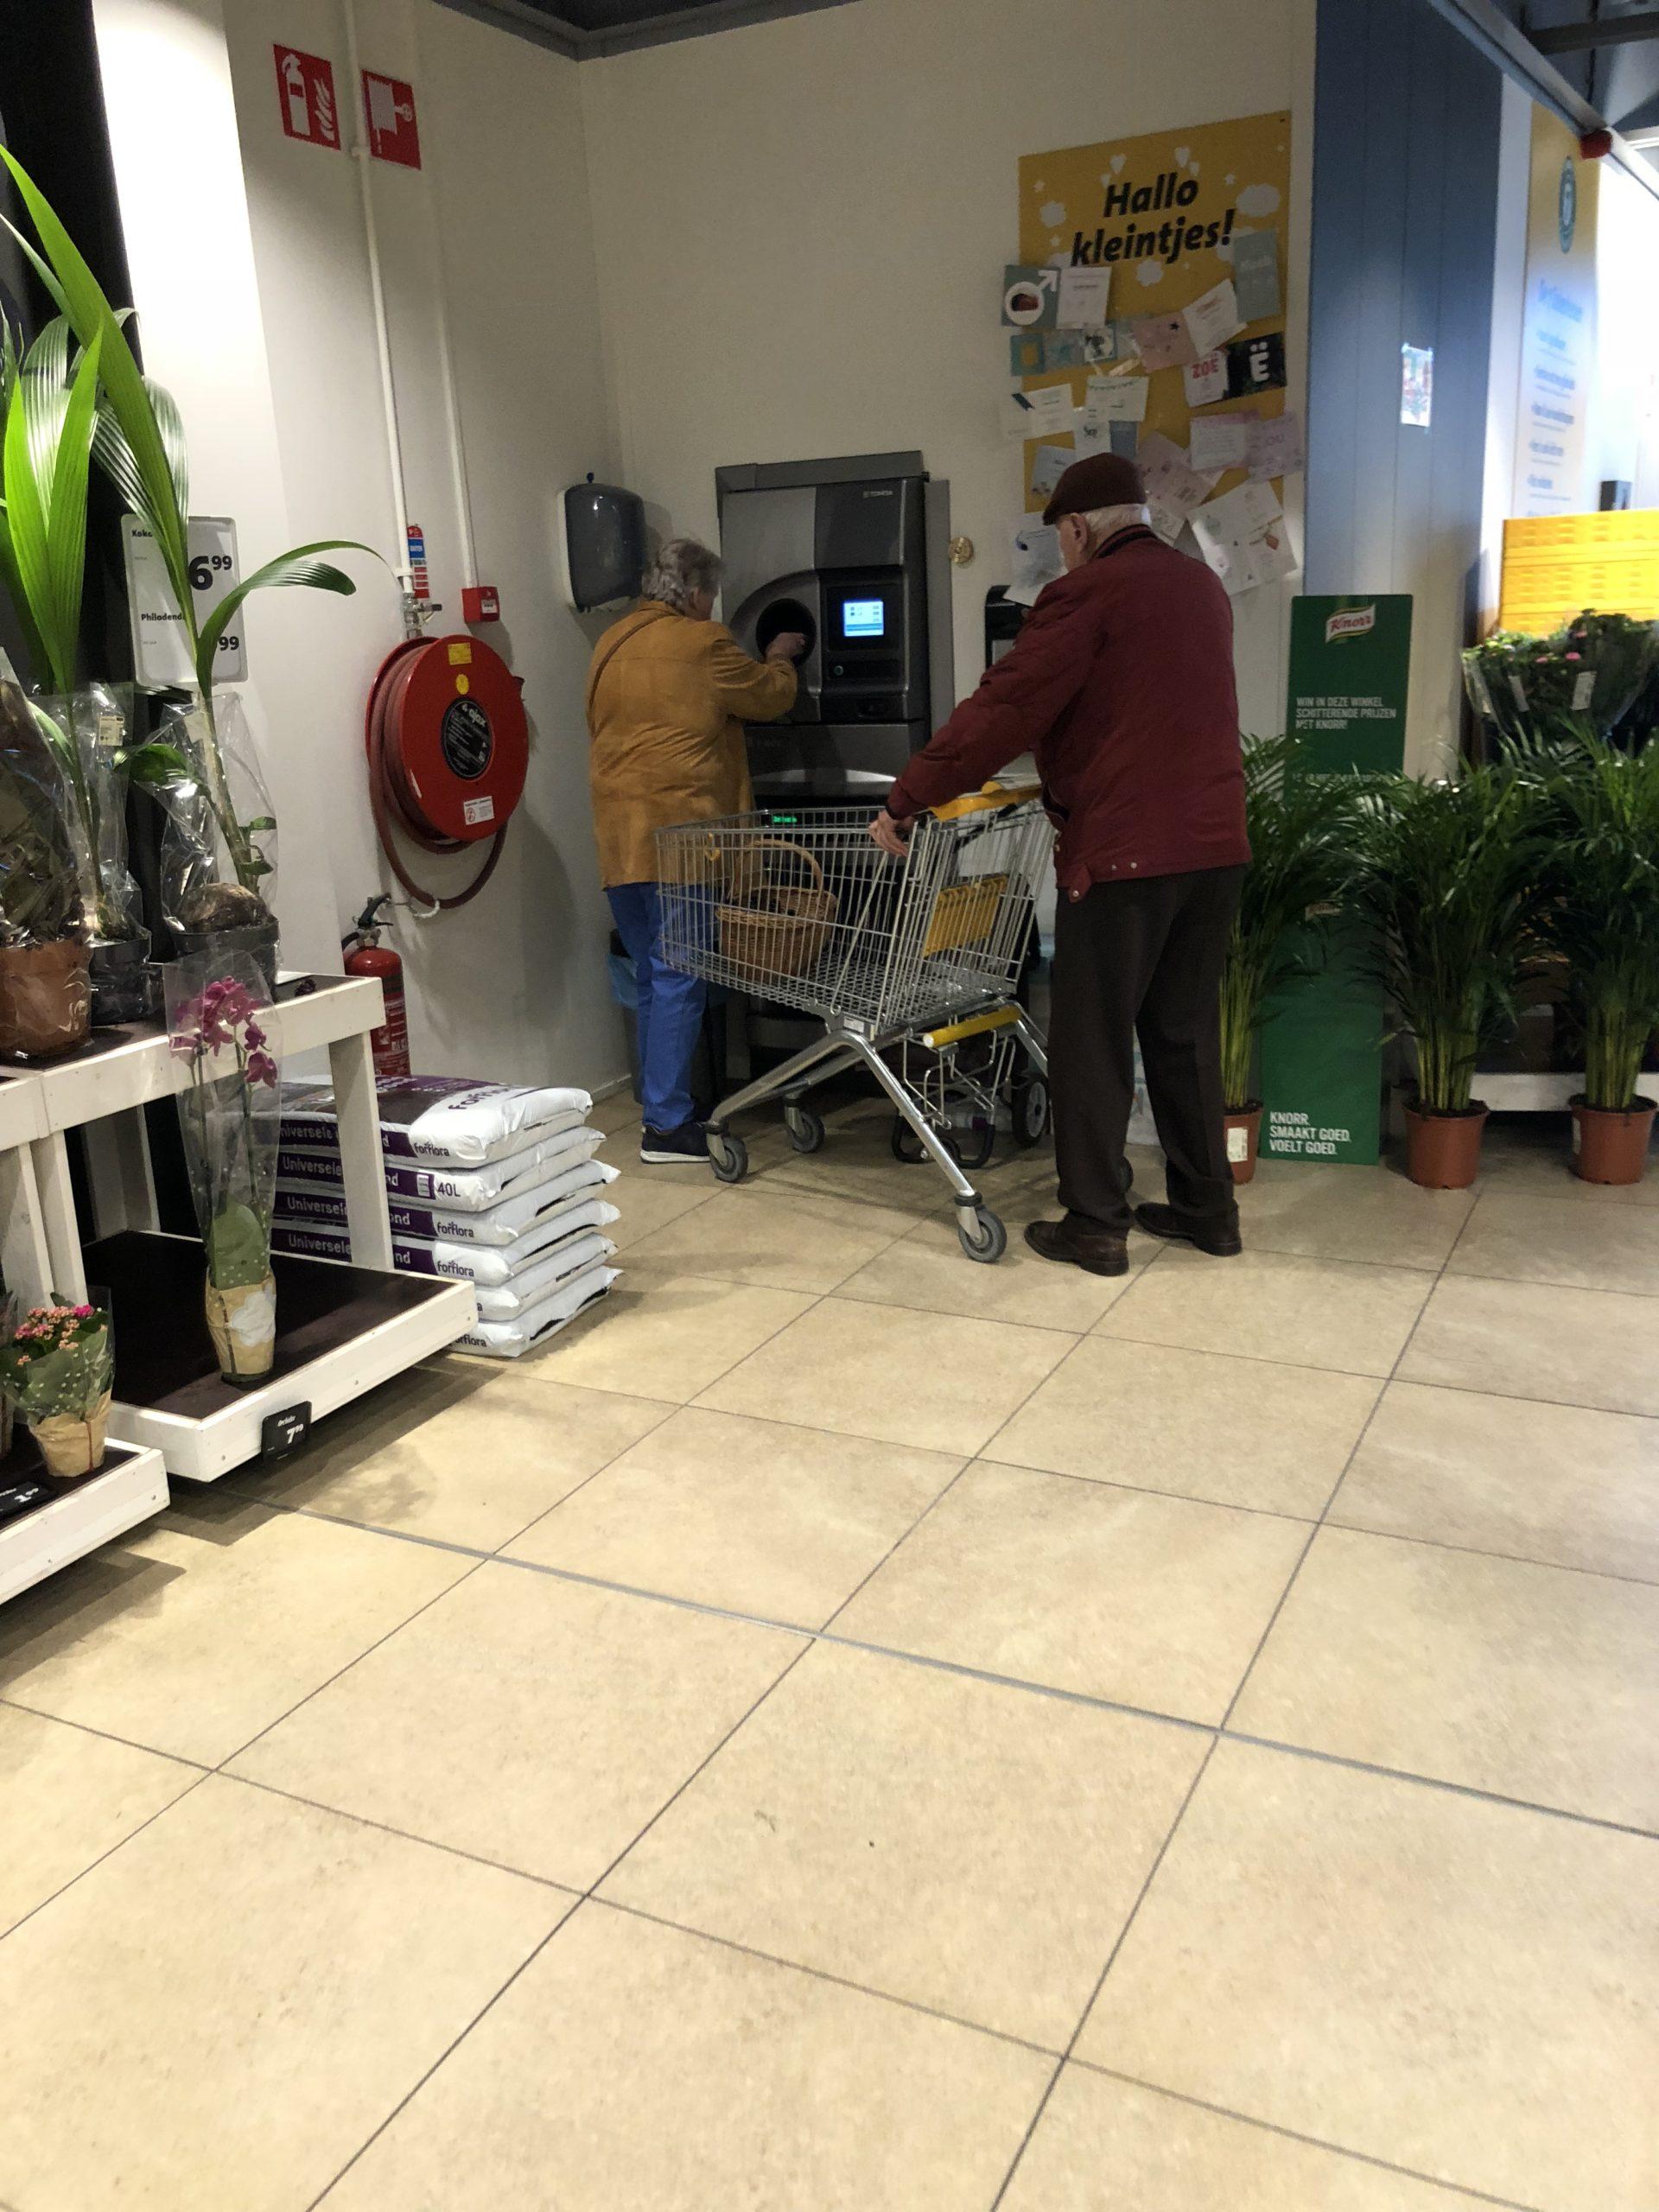 オランダマーストリヒトのスーパーでごみを捨てているおじいさんとおばあさん